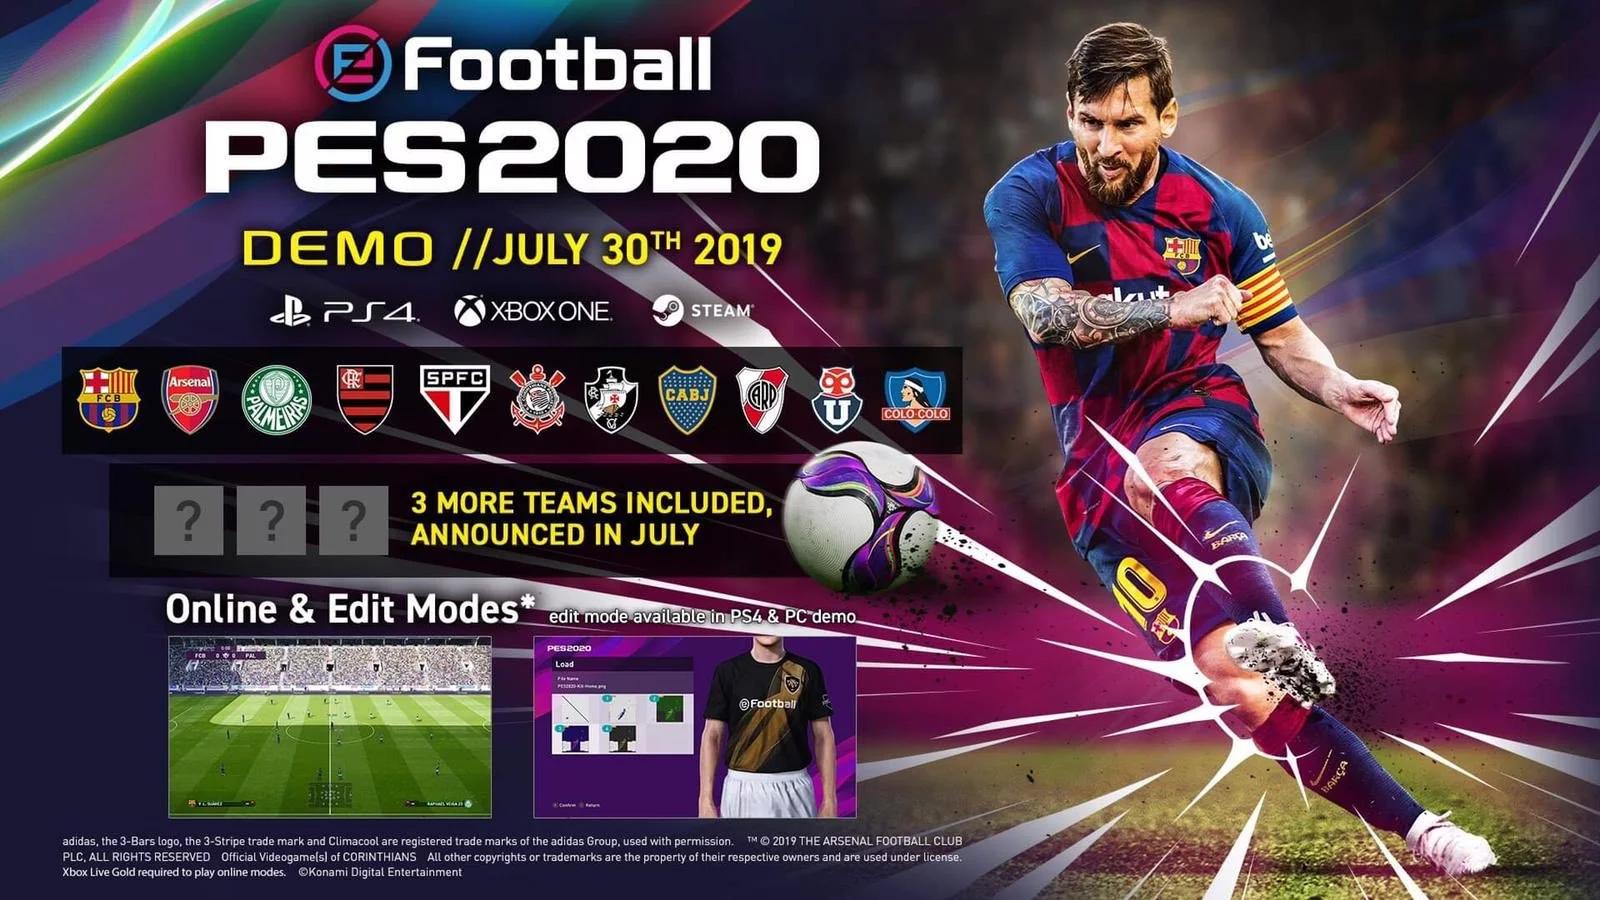 Jeux vidéo : La Juventus Turin ne sera pas disponible dans FIFA 20 !